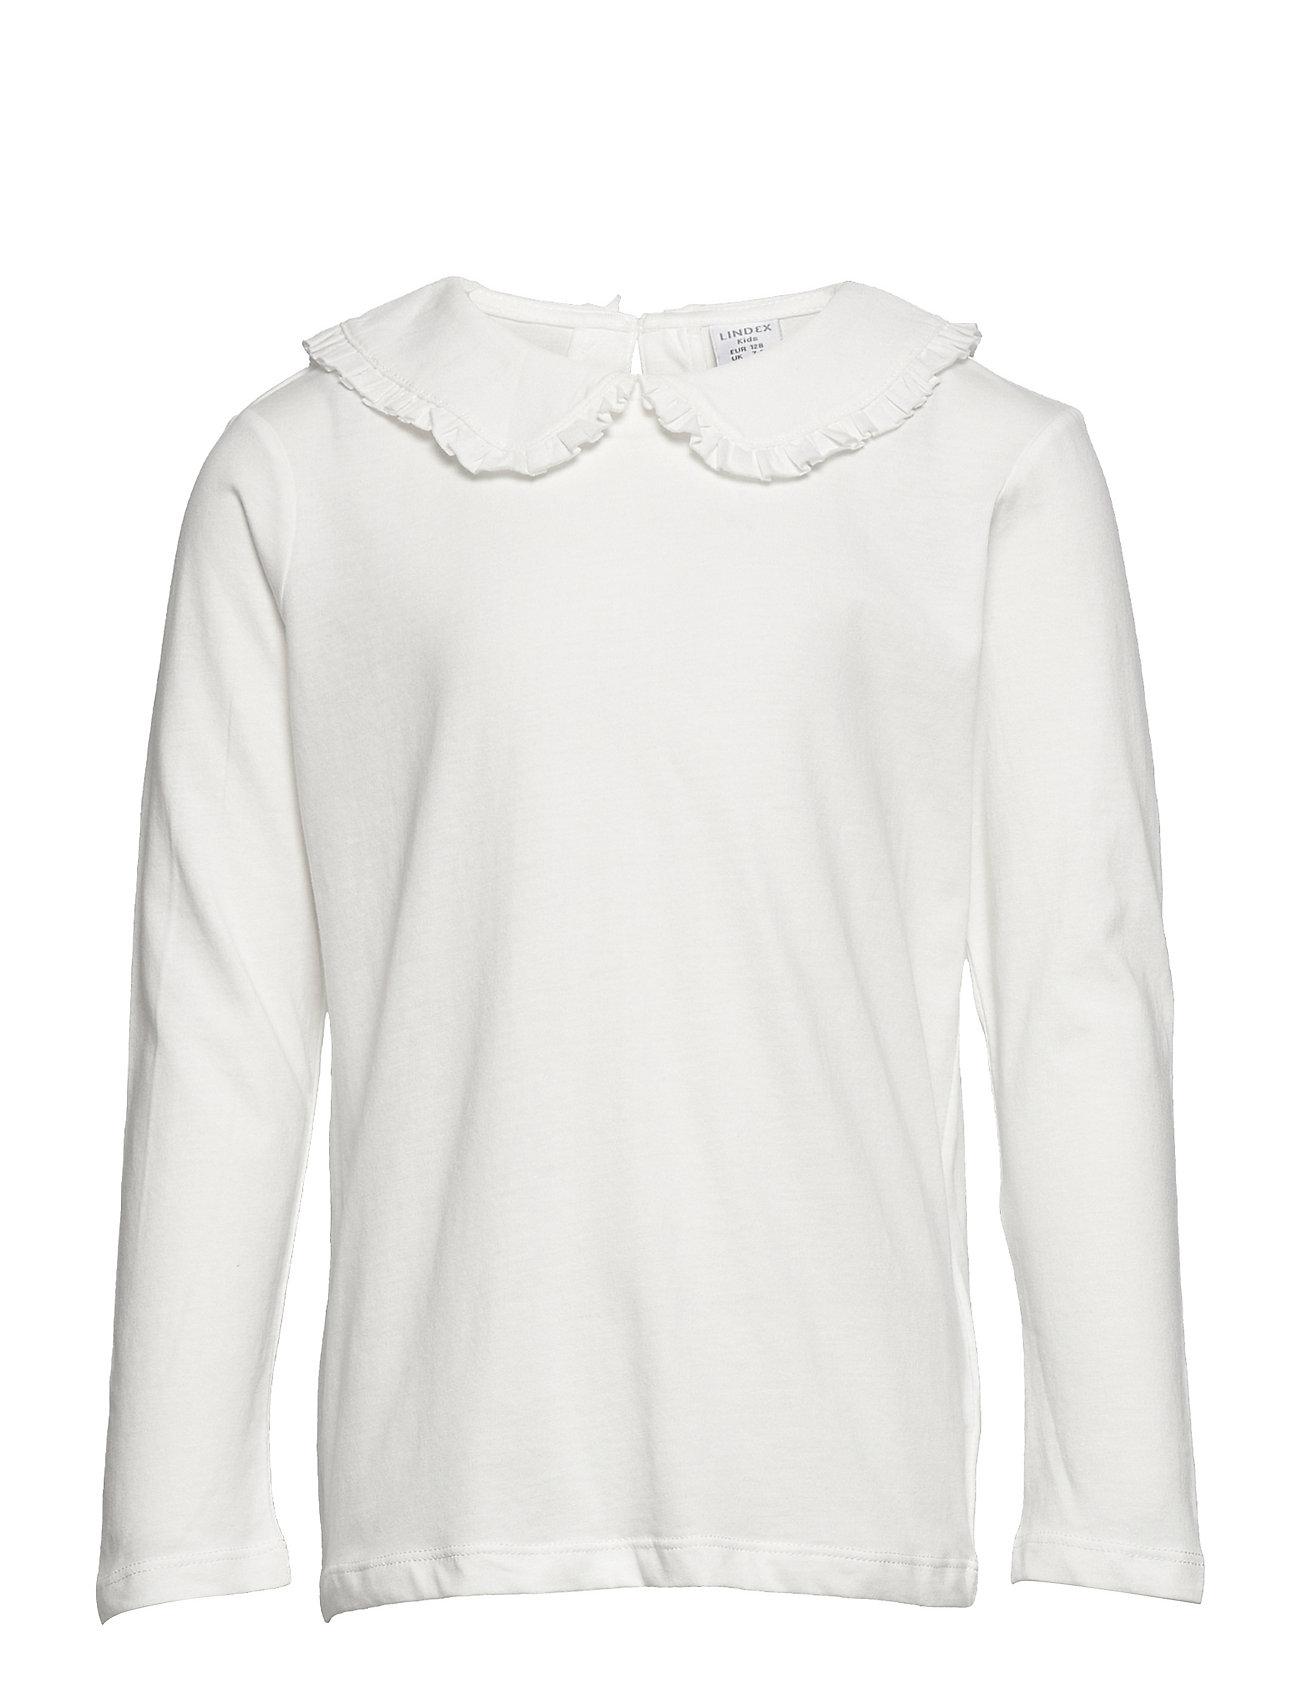 Top Big Collar Solid Langærmet T-shirt Hvid Lindex